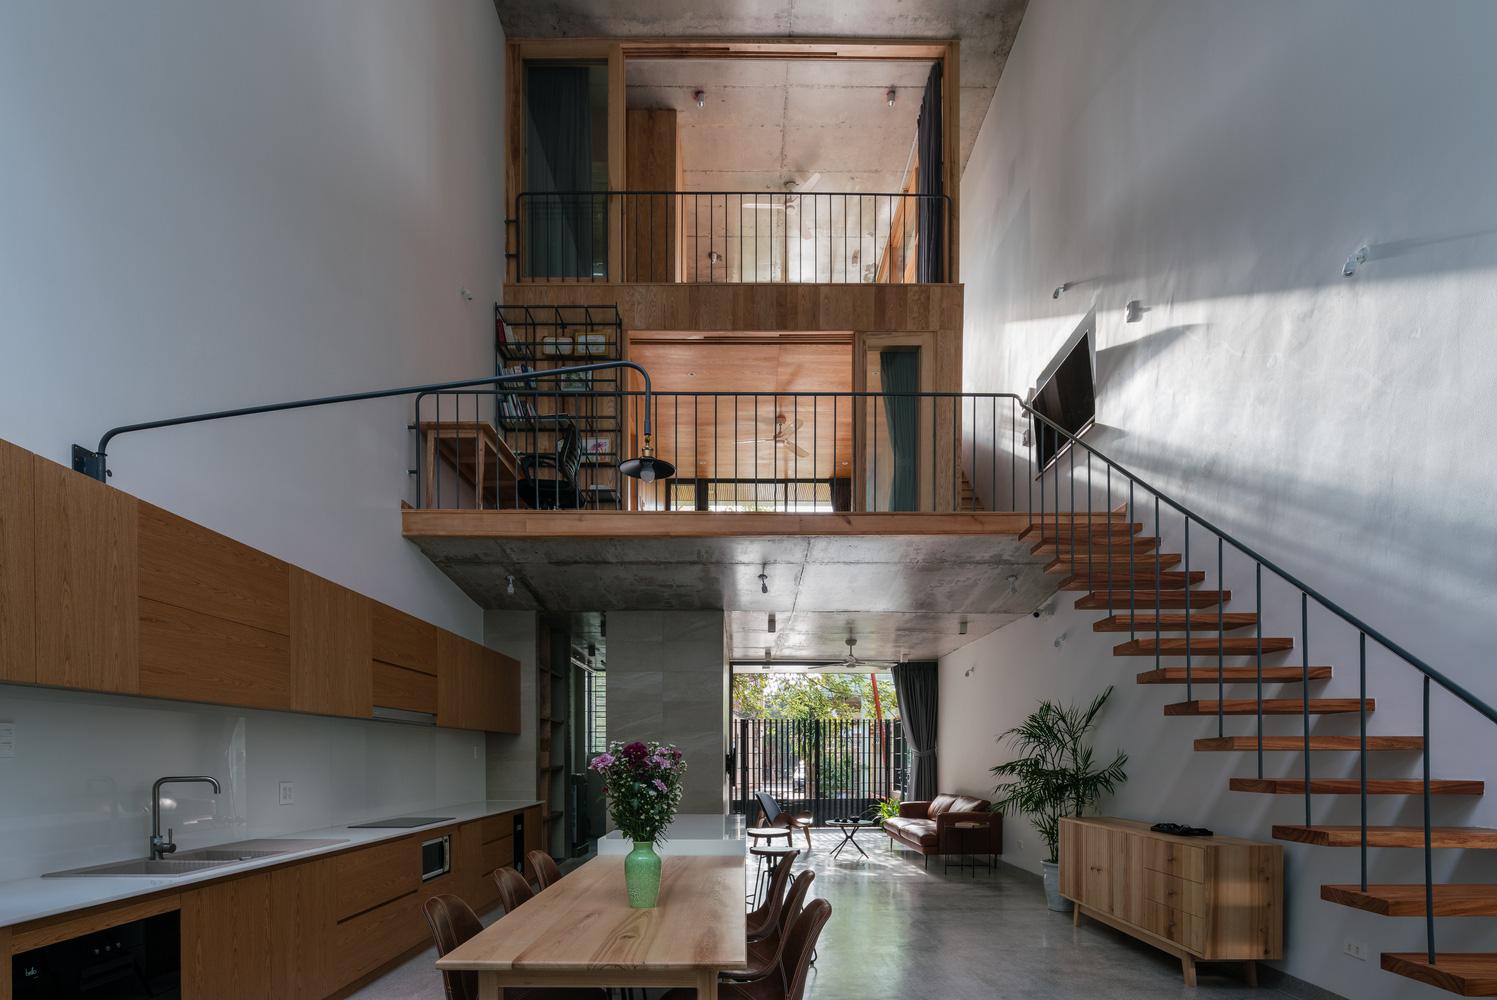 4 ngôi nhà độc đáo của Việt Nam được vinh danh Top 50 công trình đẹp nhất của năm trên tạp chí kiến trúc Mỹ - Ảnh 1.